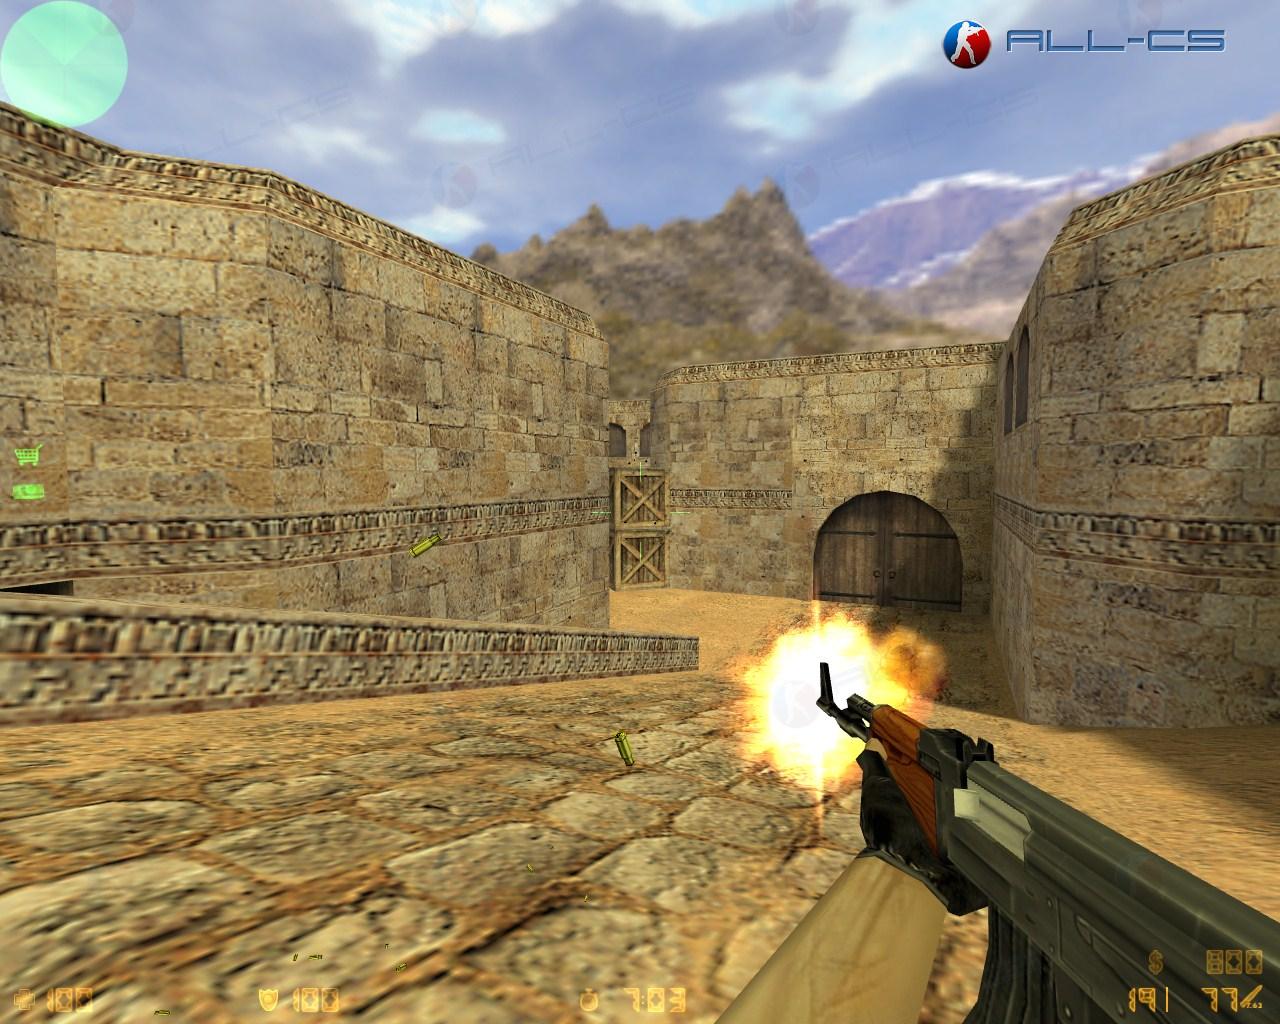 Cs: cкачать игру cs 16, готовые сервера, карты, спрайты , модели игроков , модели оружий, бты, темы меню, патчи